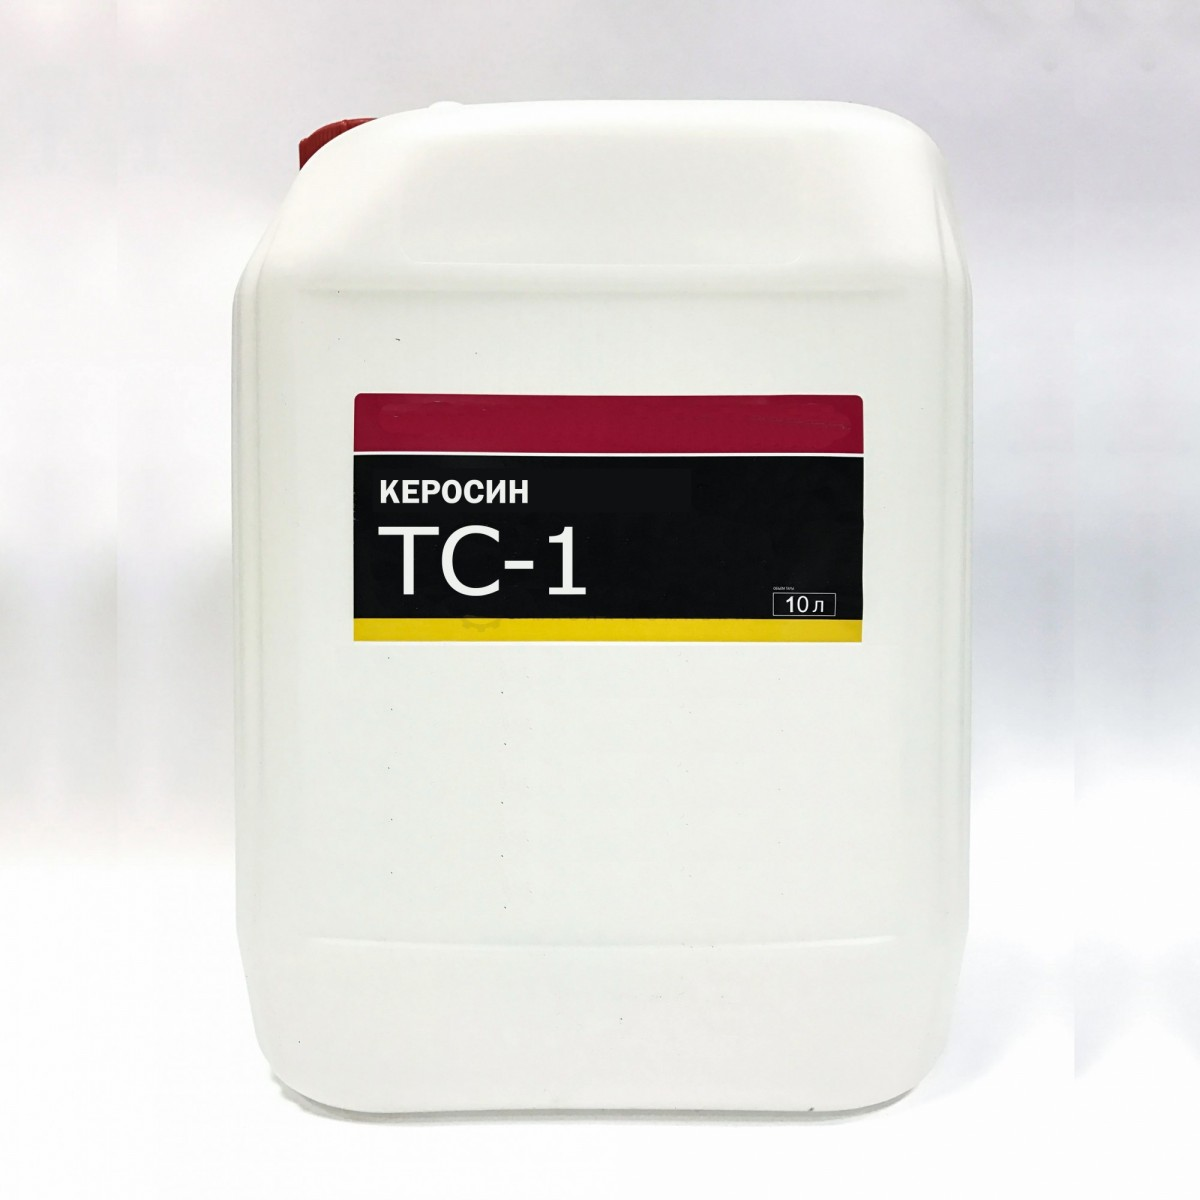 Керосин ТС-1 10л